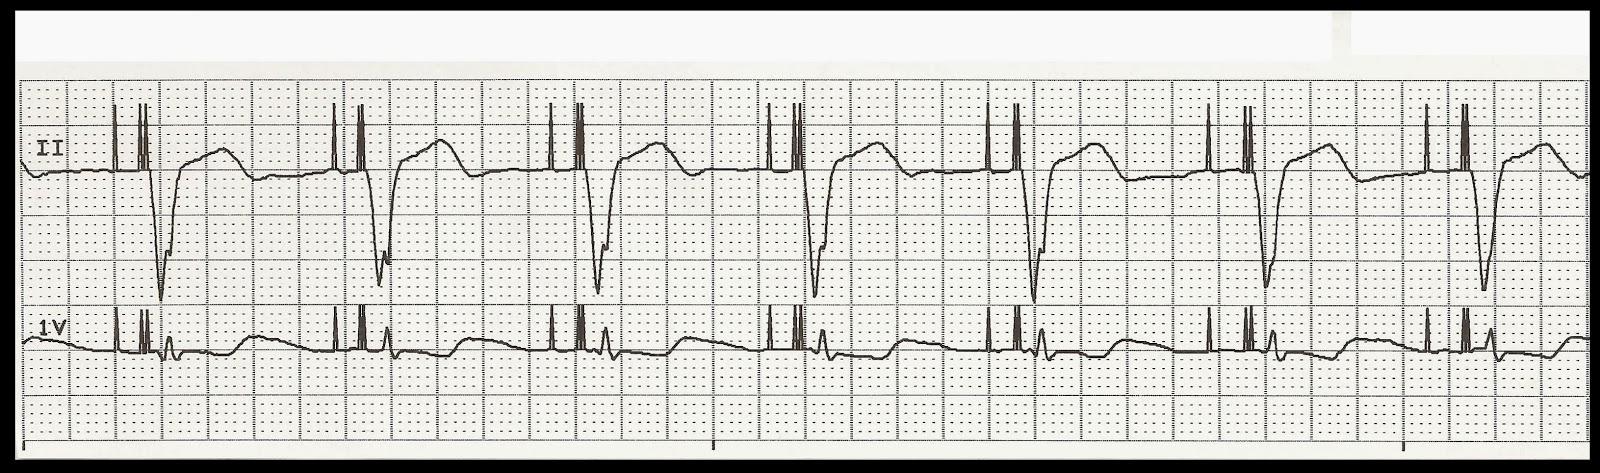 Float Nurse: EKG Rhythm Strip Quiz 188